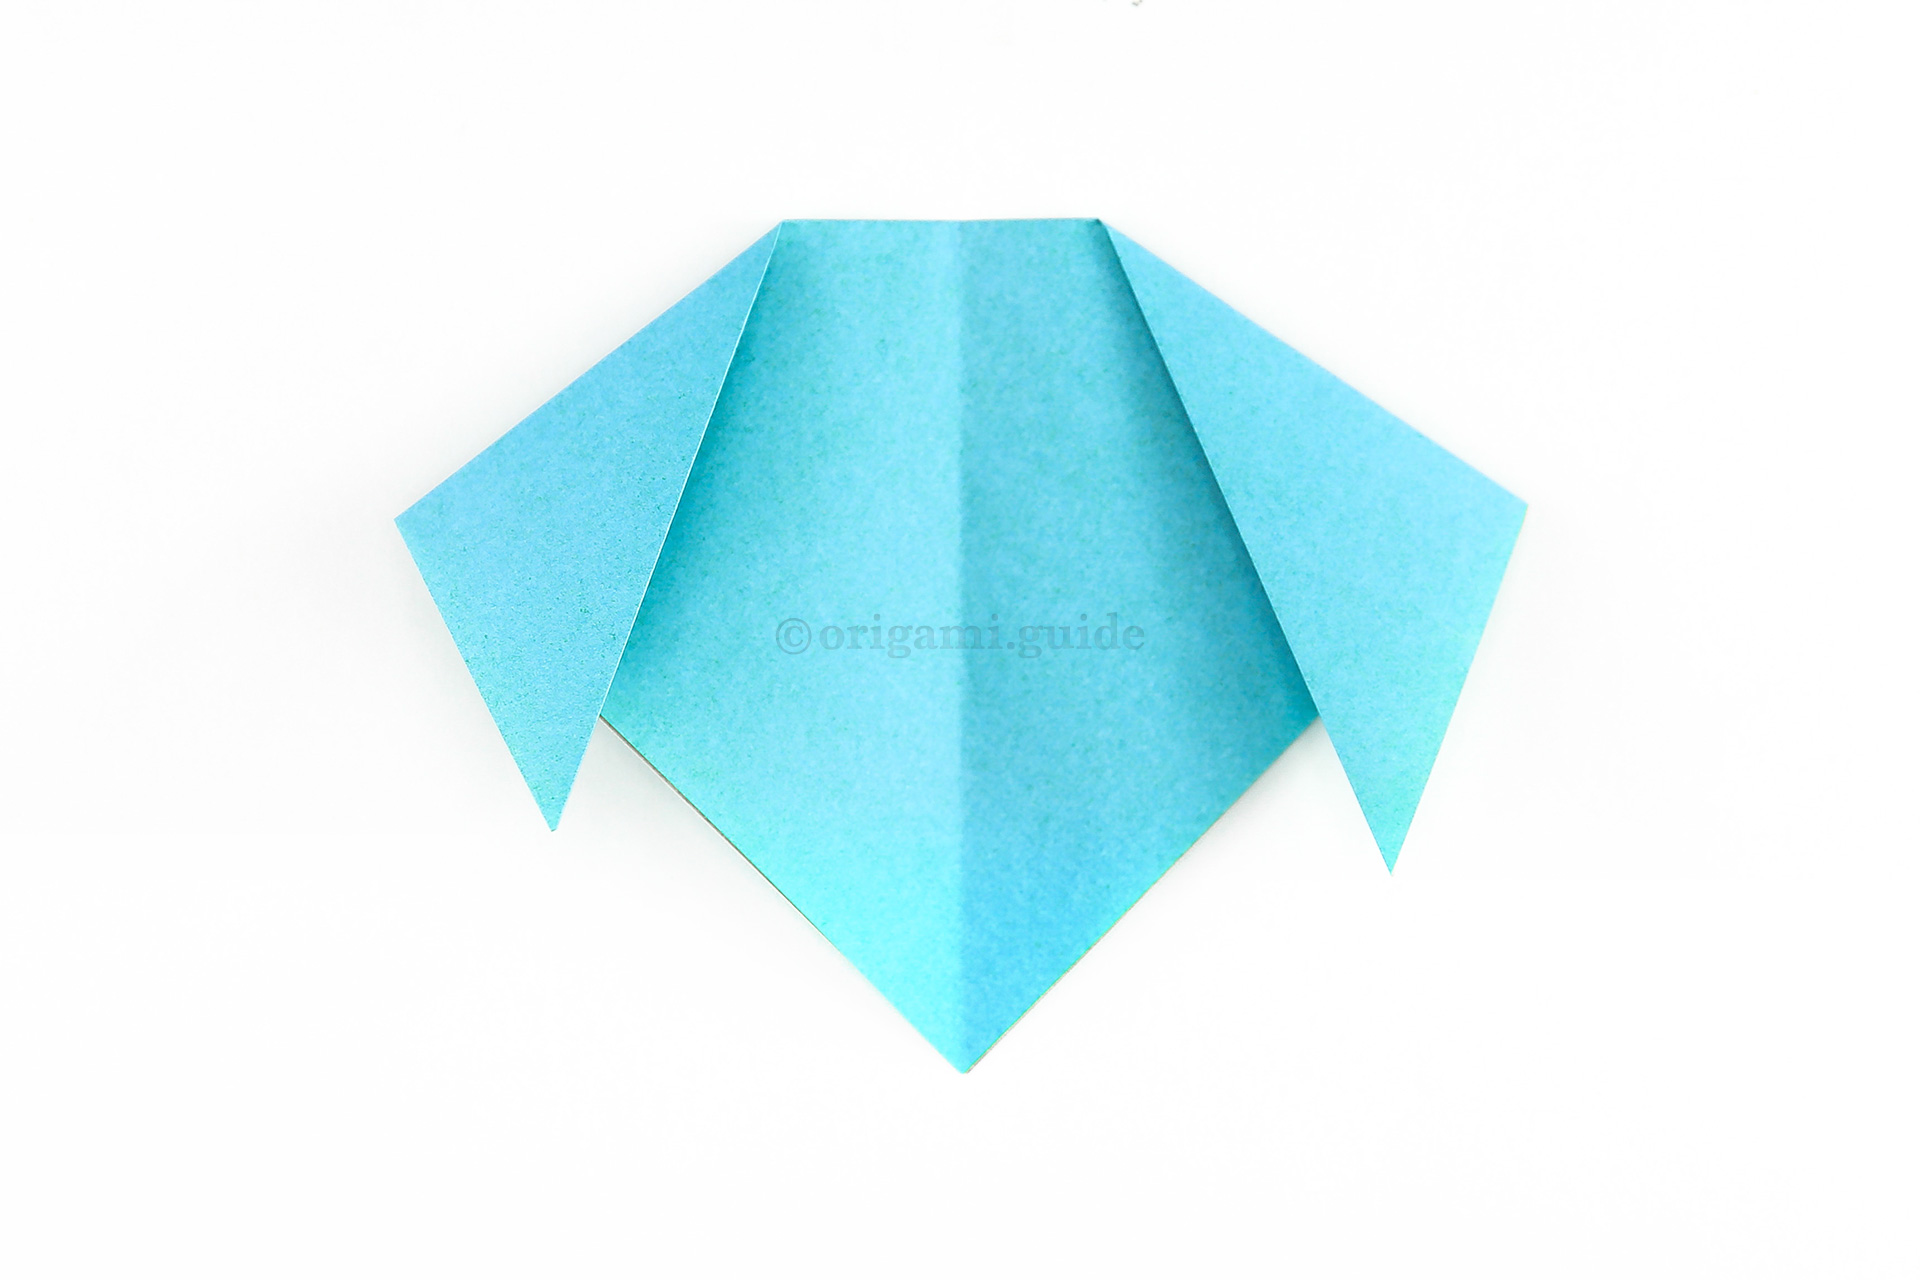 Origami Talking Dog   1280x1920